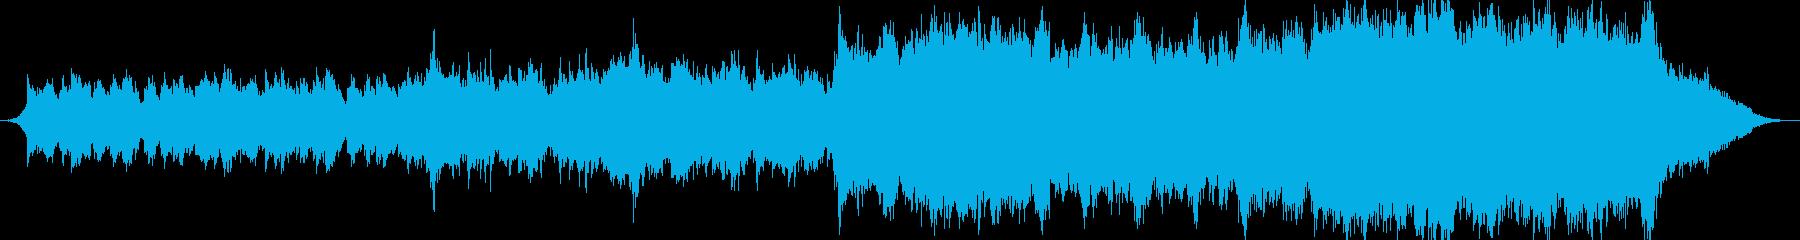 ワールド 民族 現代的 交響曲 ク...の再生済みの波形